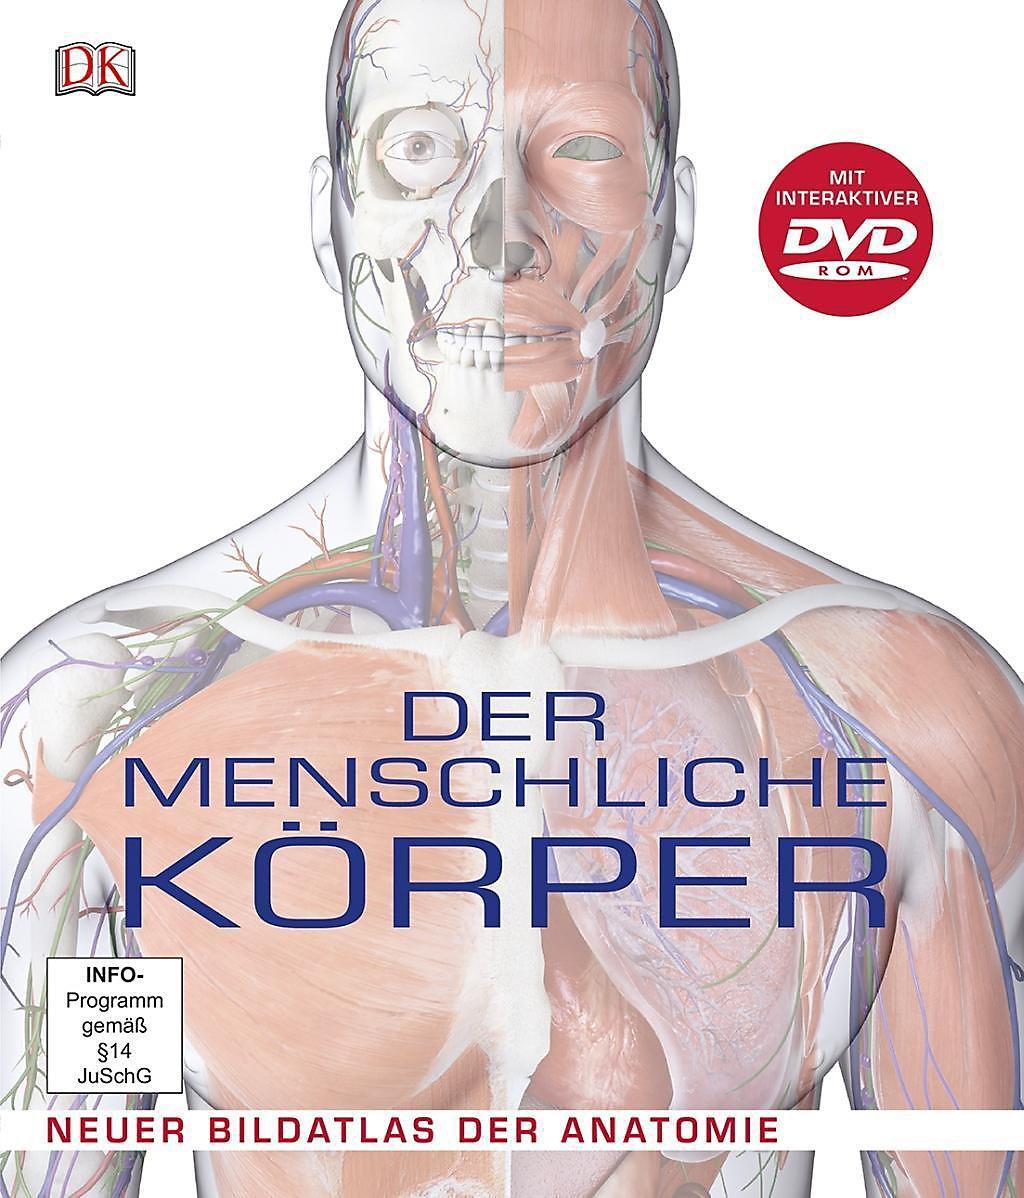 Der Menschliche Krper M Dvd Rom Buch Portofrei Bei Weltbild